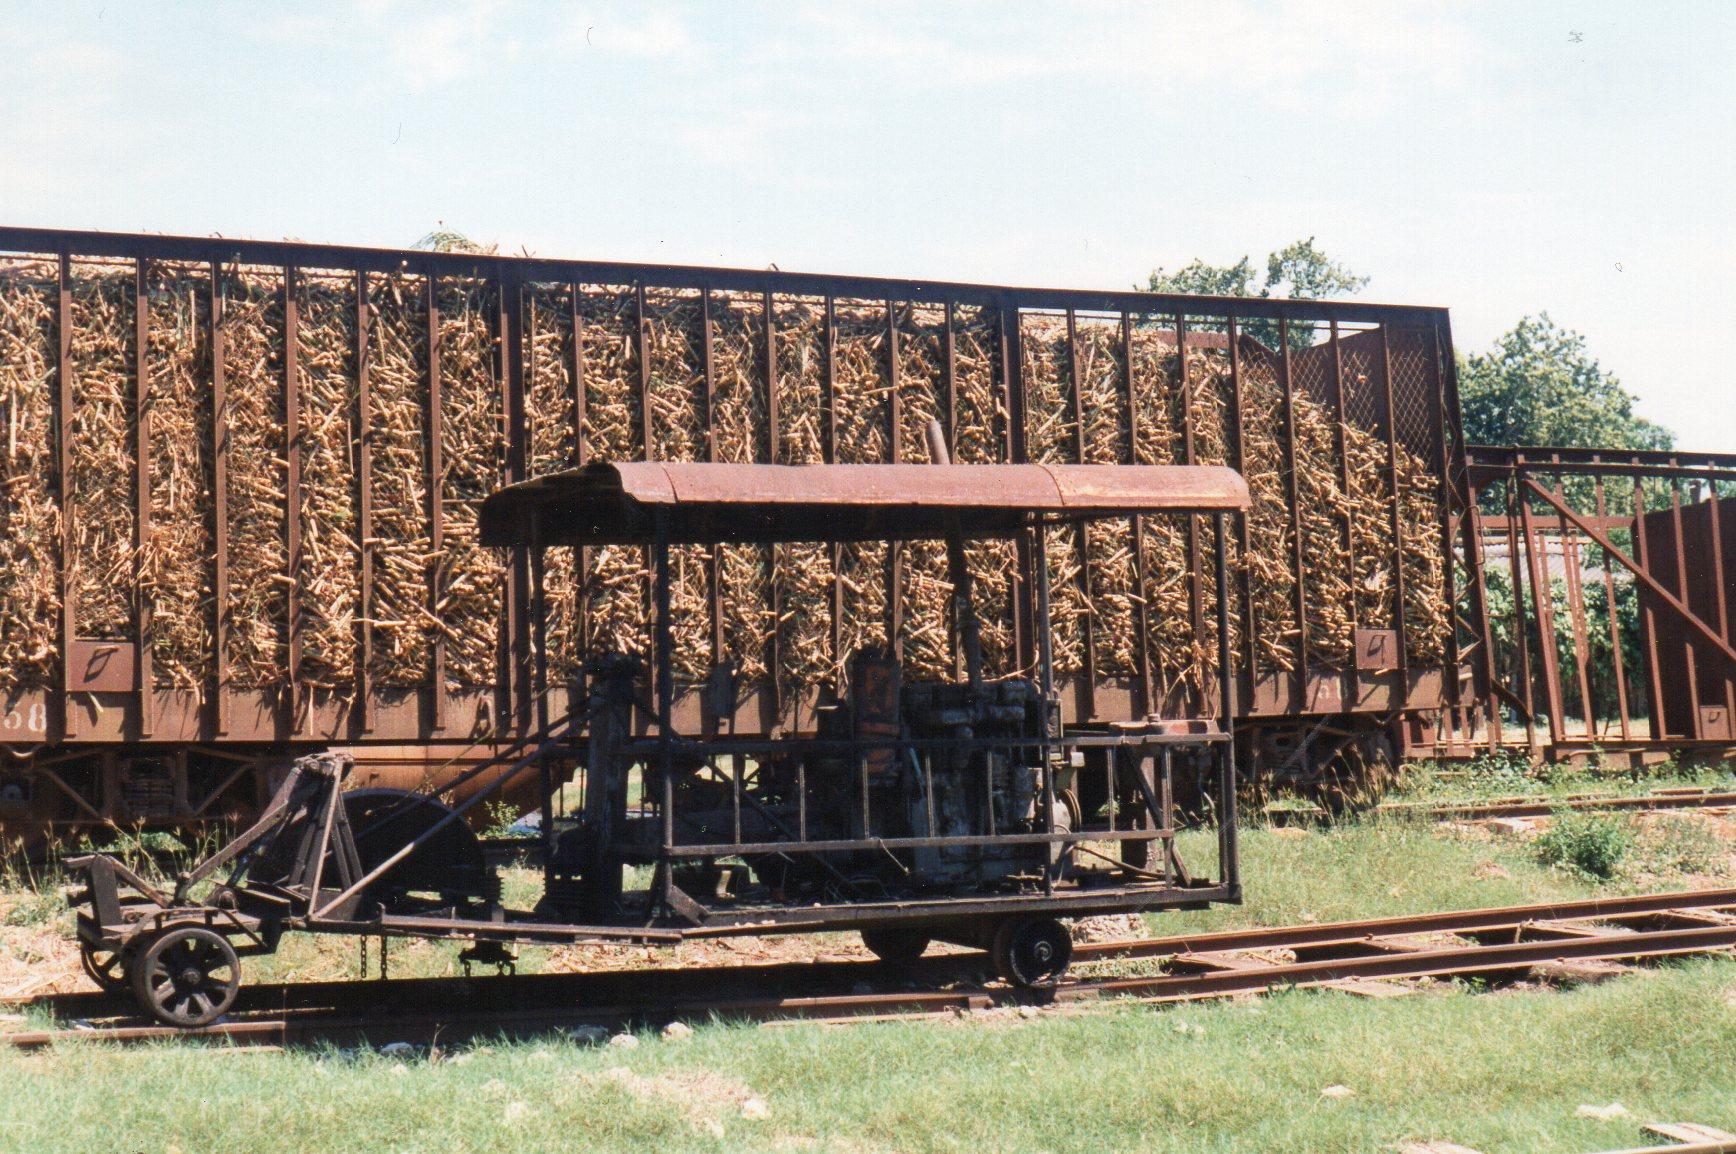 Dette køretøj havde næppe været et damplokomotiv, men så snarere ud til at være lavet af noget, en VVS-mand havde haft til overs? Den havde tilsyneladende ikke kørte længe.